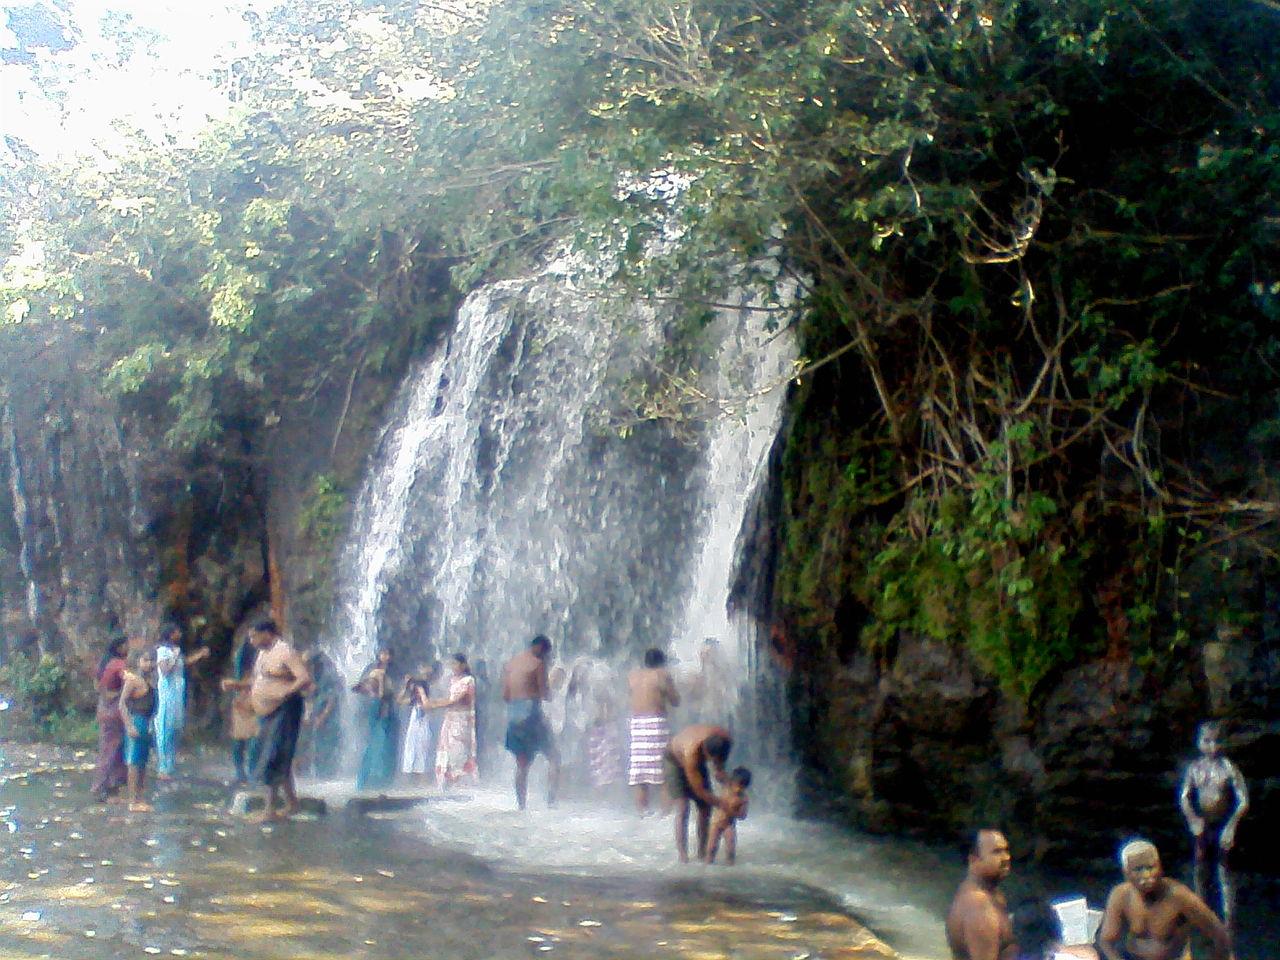 Must Visit Waterfall In Tamil Nadu-Agasthiyar Falls in Tirunelveli